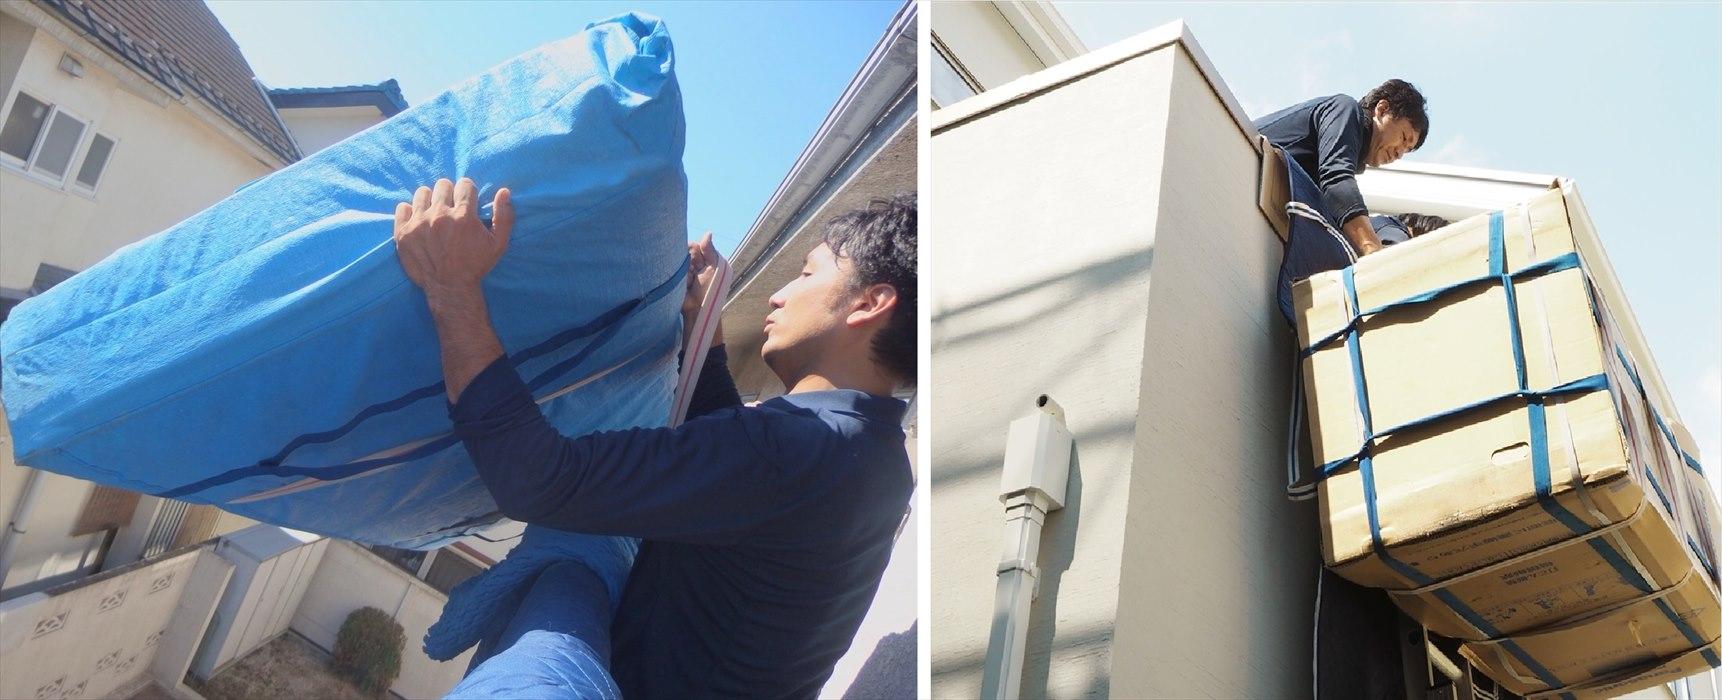 マットレス、大型冷蔵庫の手吊り作業の様子※別のご依頼時に撮影した写真です。